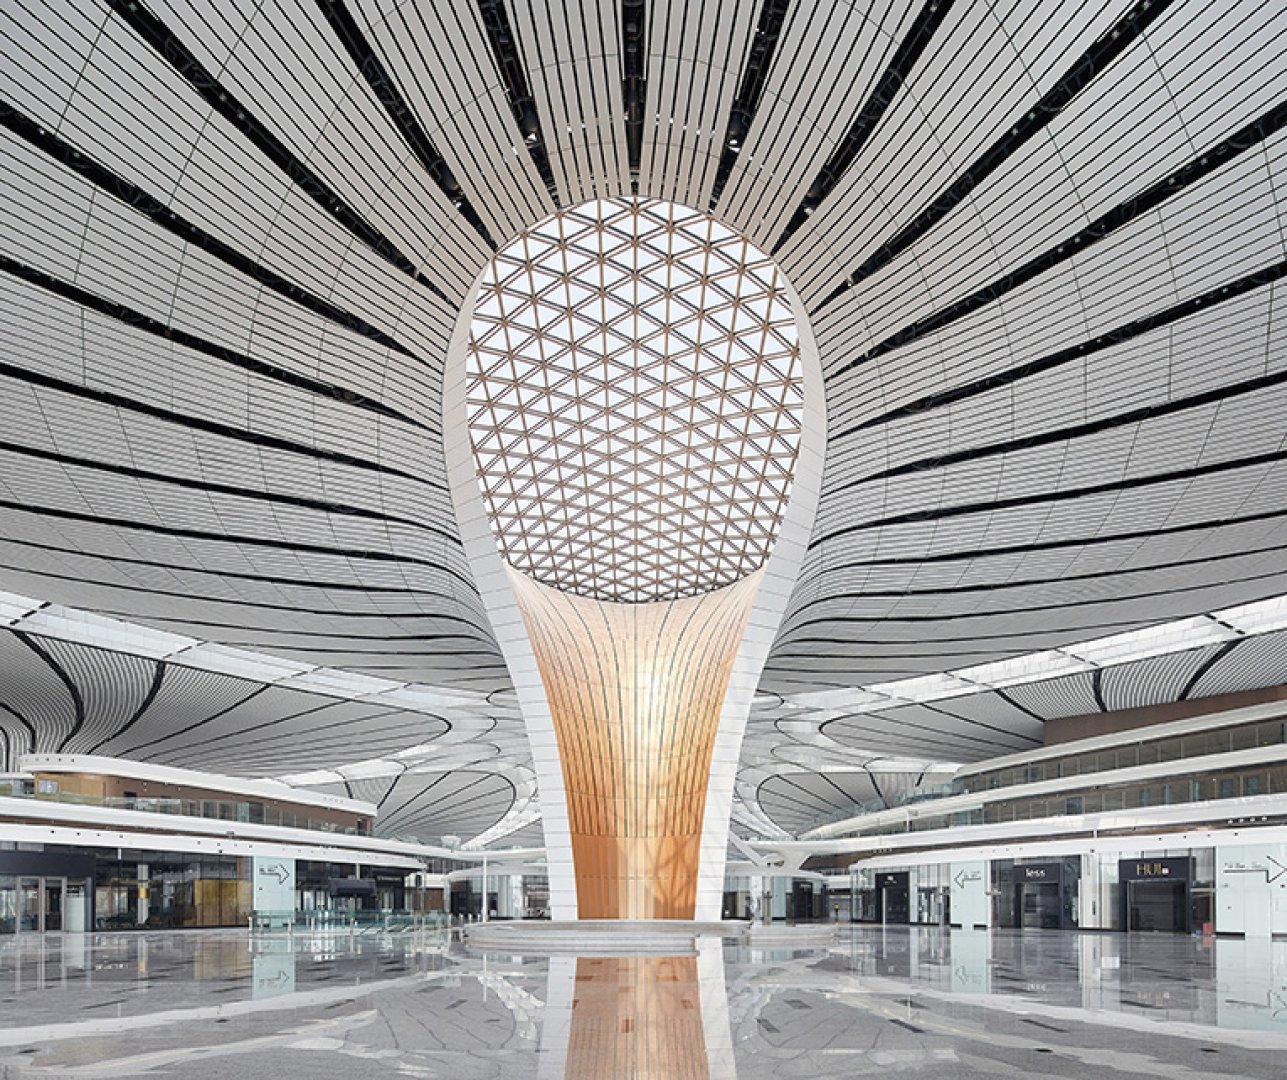 Conocido como Aeropuerto Internacional Beijing Daxing